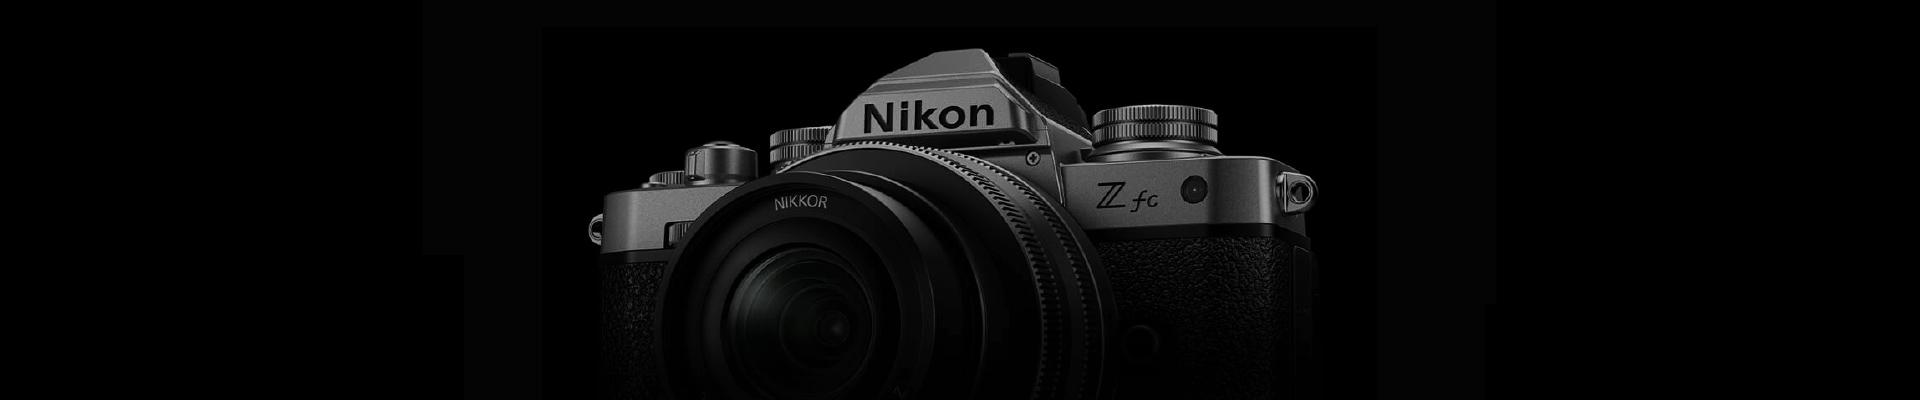 nikon-brand-page.jpg